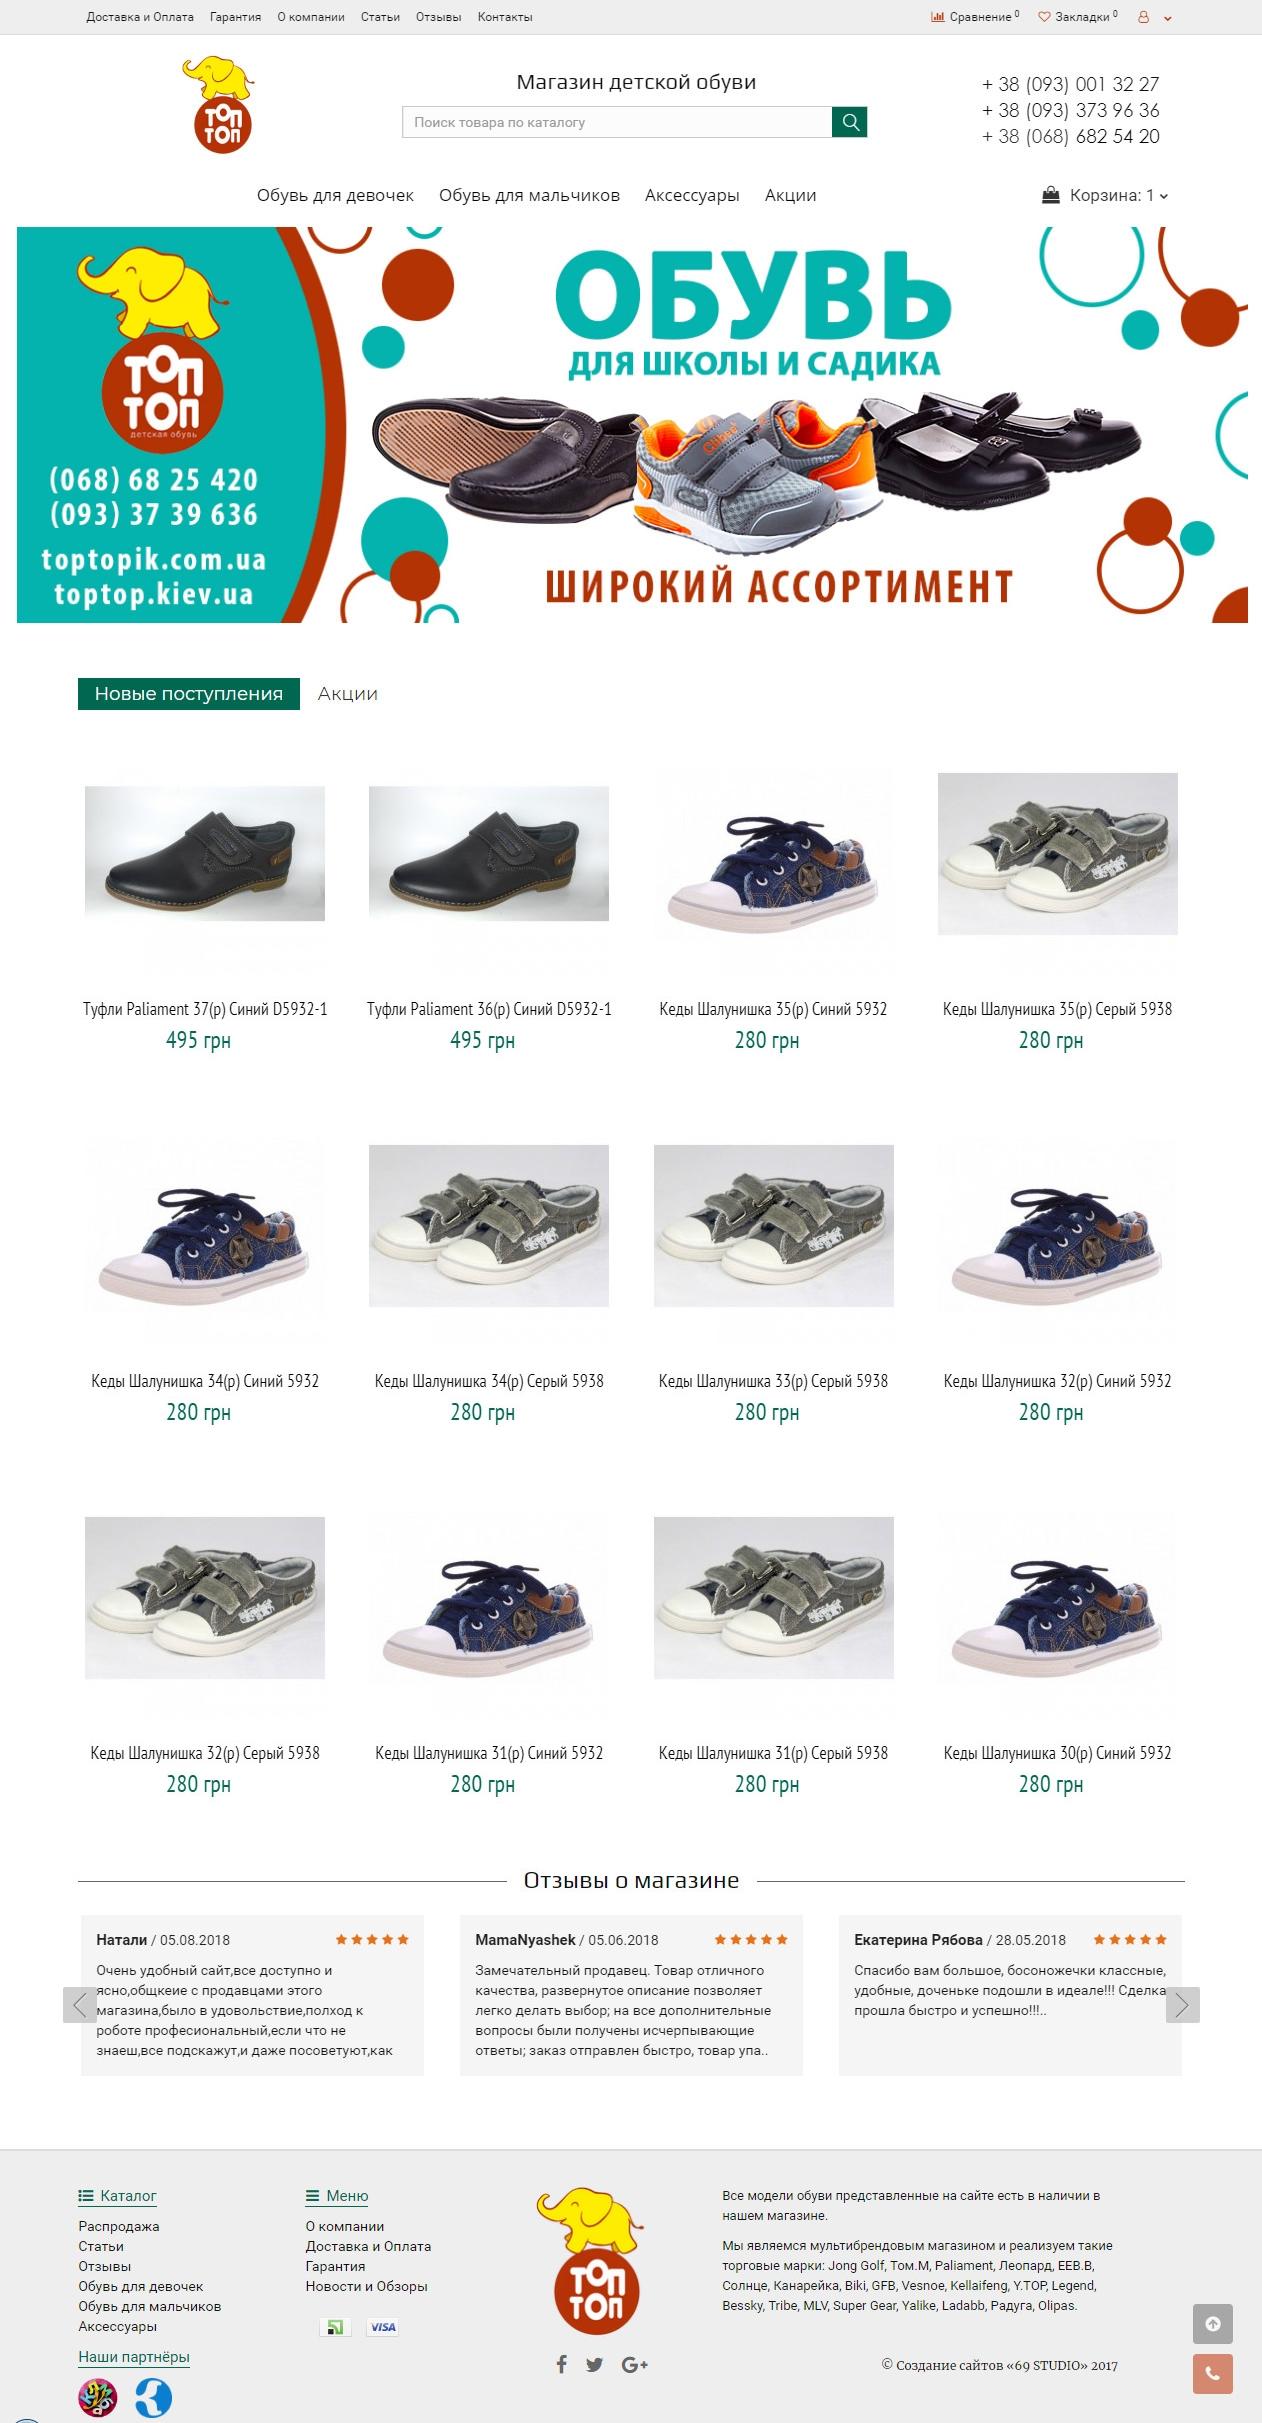 Фото Магазина детской обуви. Дизайн и разработка. Главная страница.